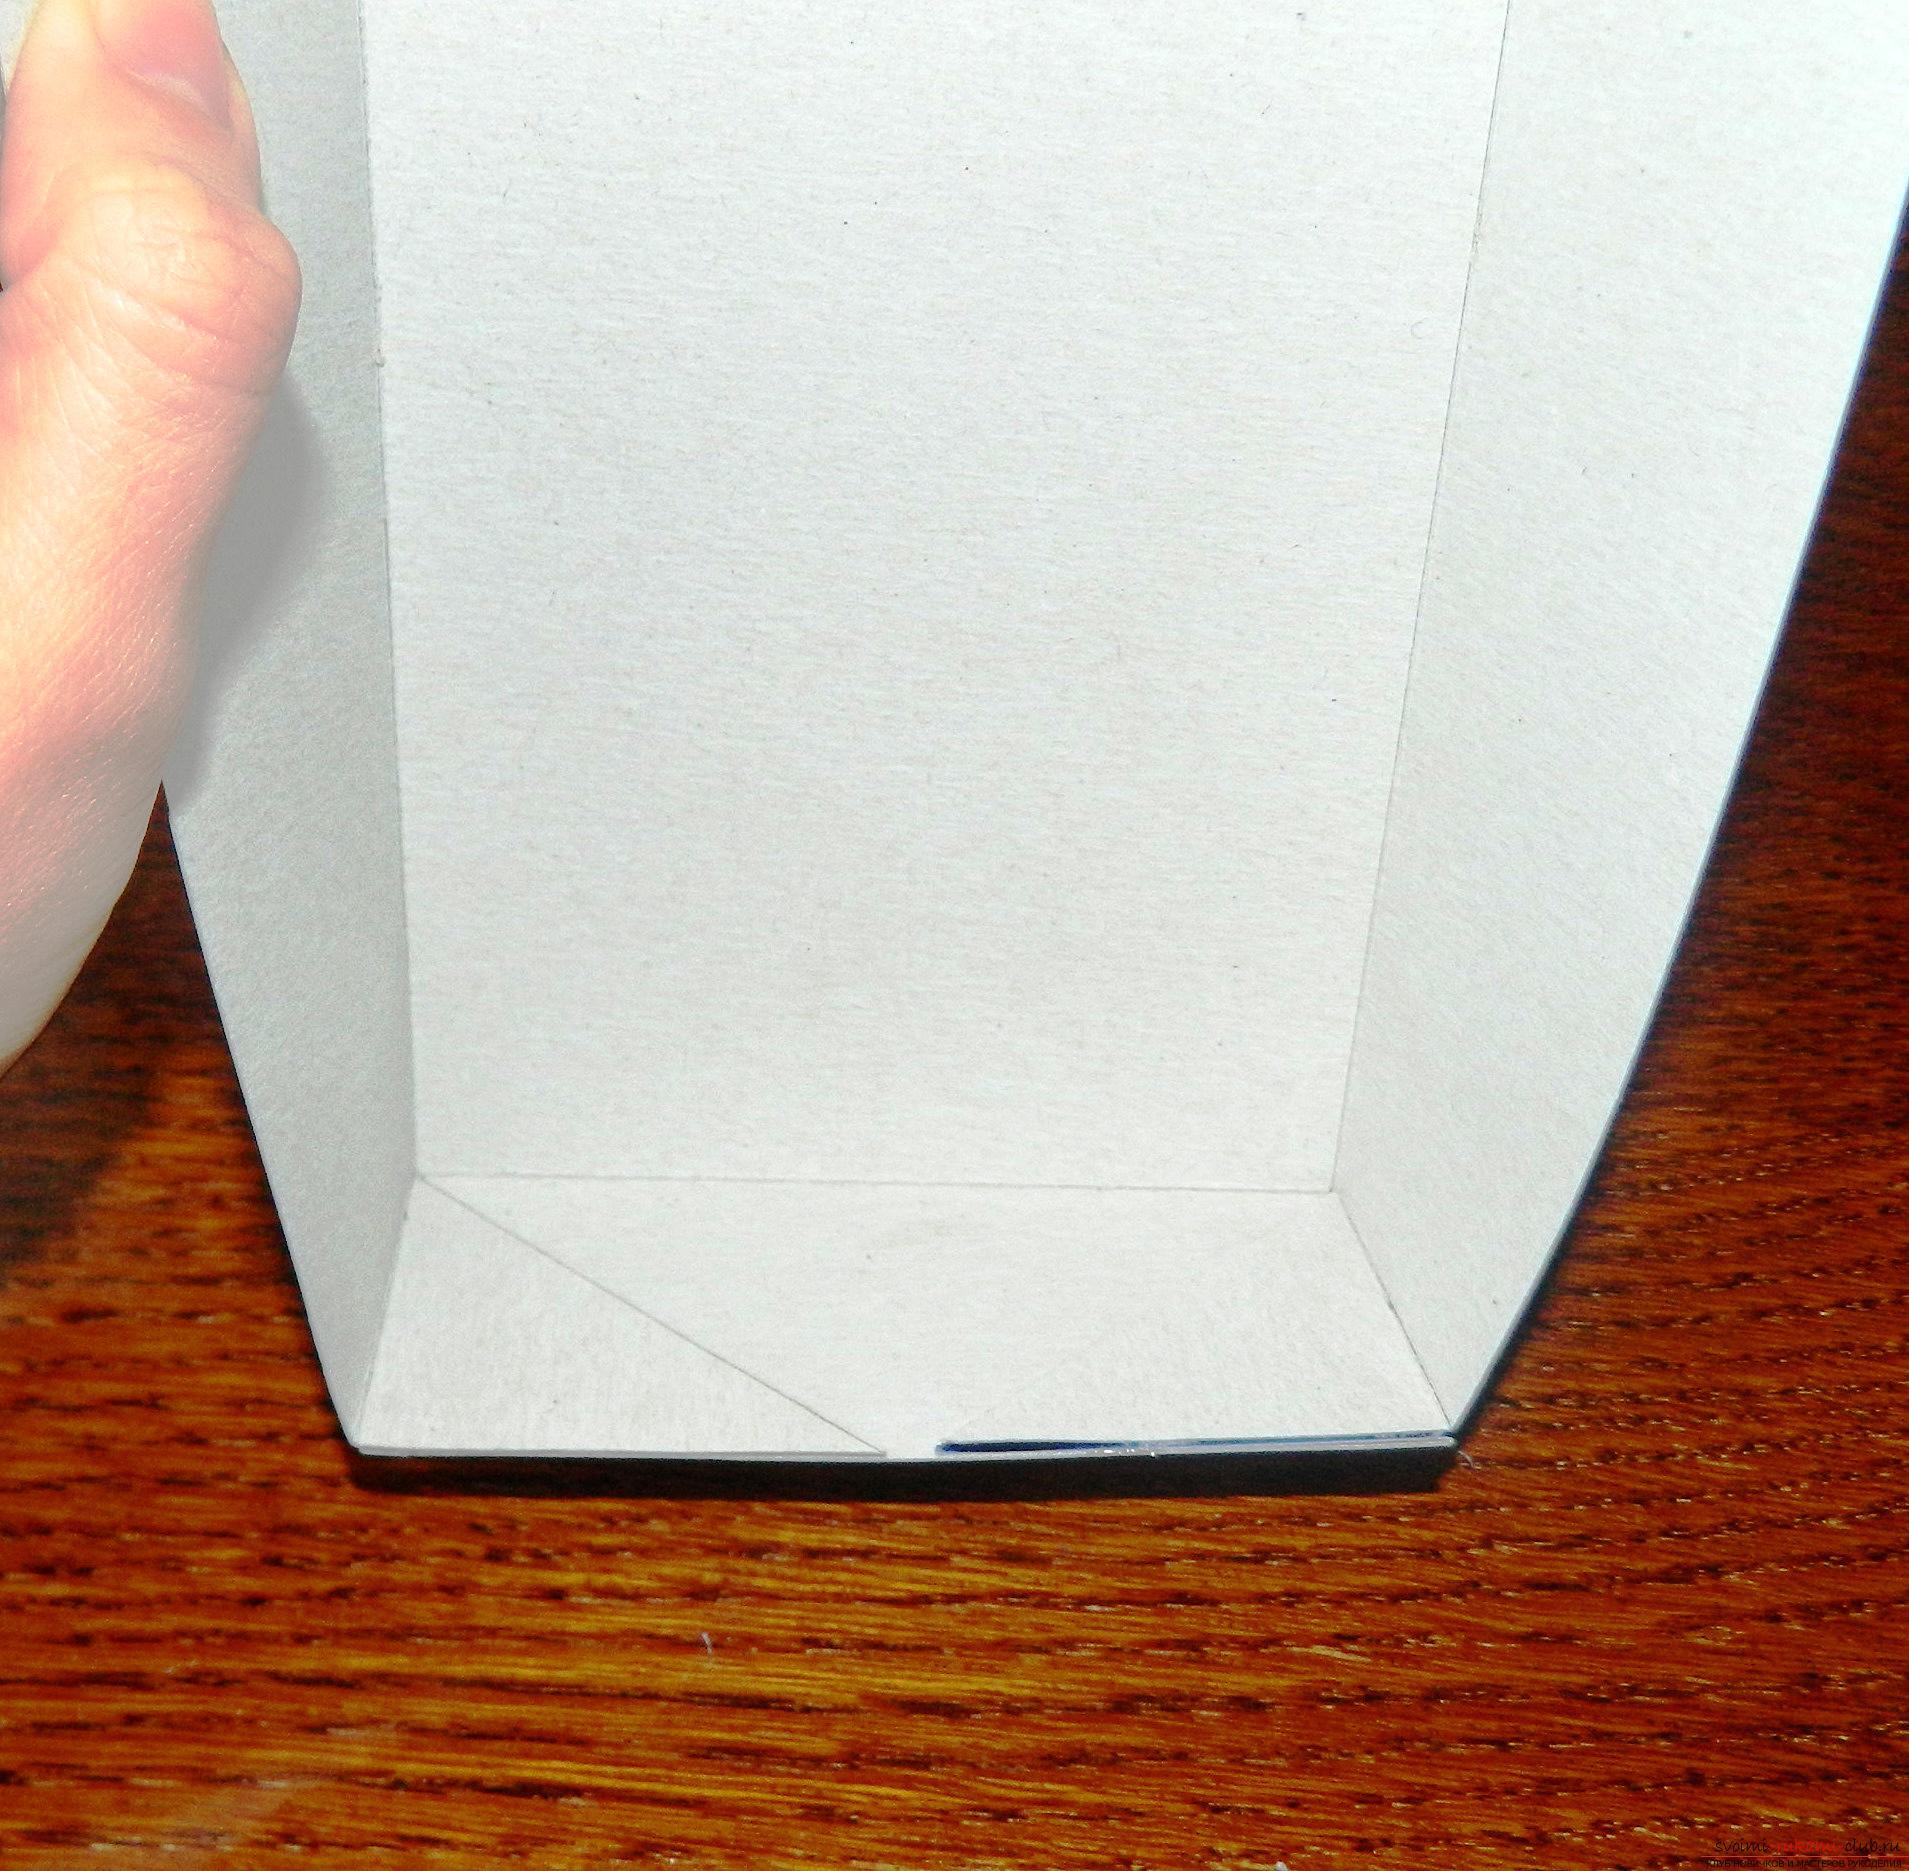 Этот мастер-класс расскажет как сделать подарочную коробку в технике квиллинг своими руками.. Фото №5